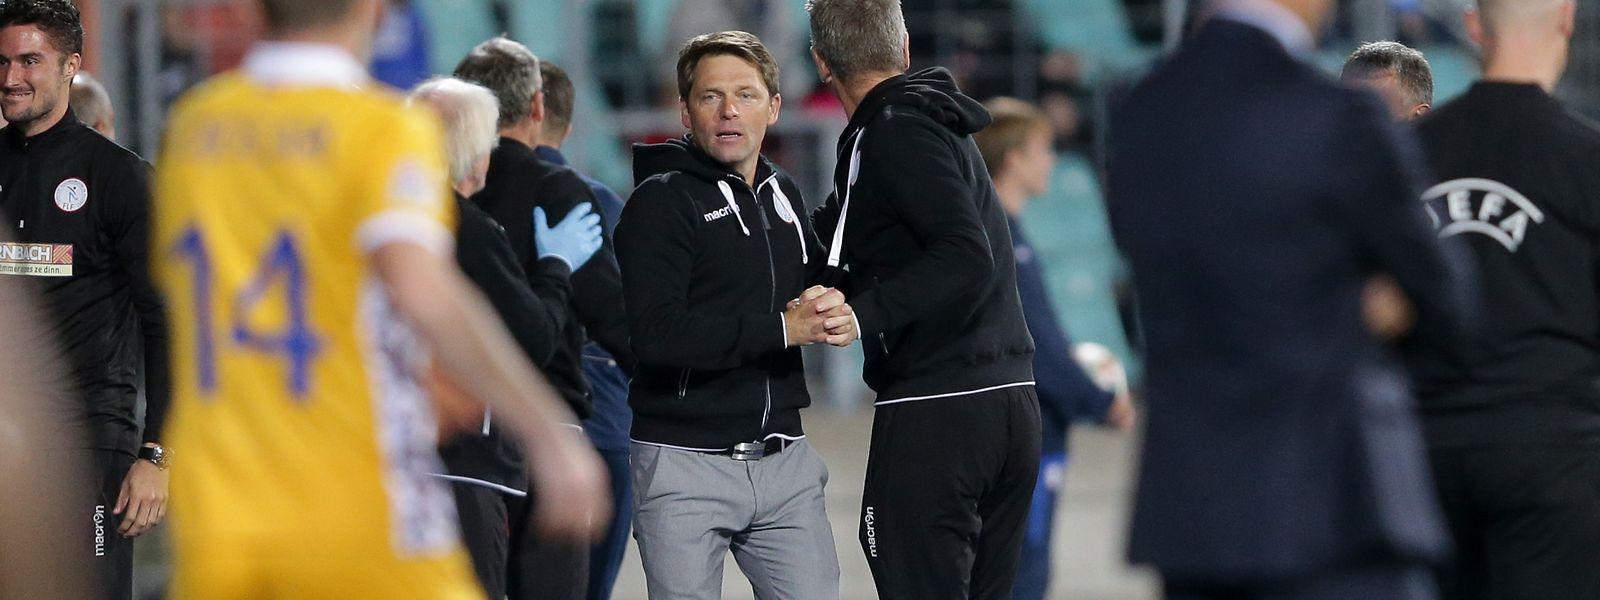 Am Dienstag steht für Nationaltrainer Luc Holtz bereits das nächste Länderspiel an.